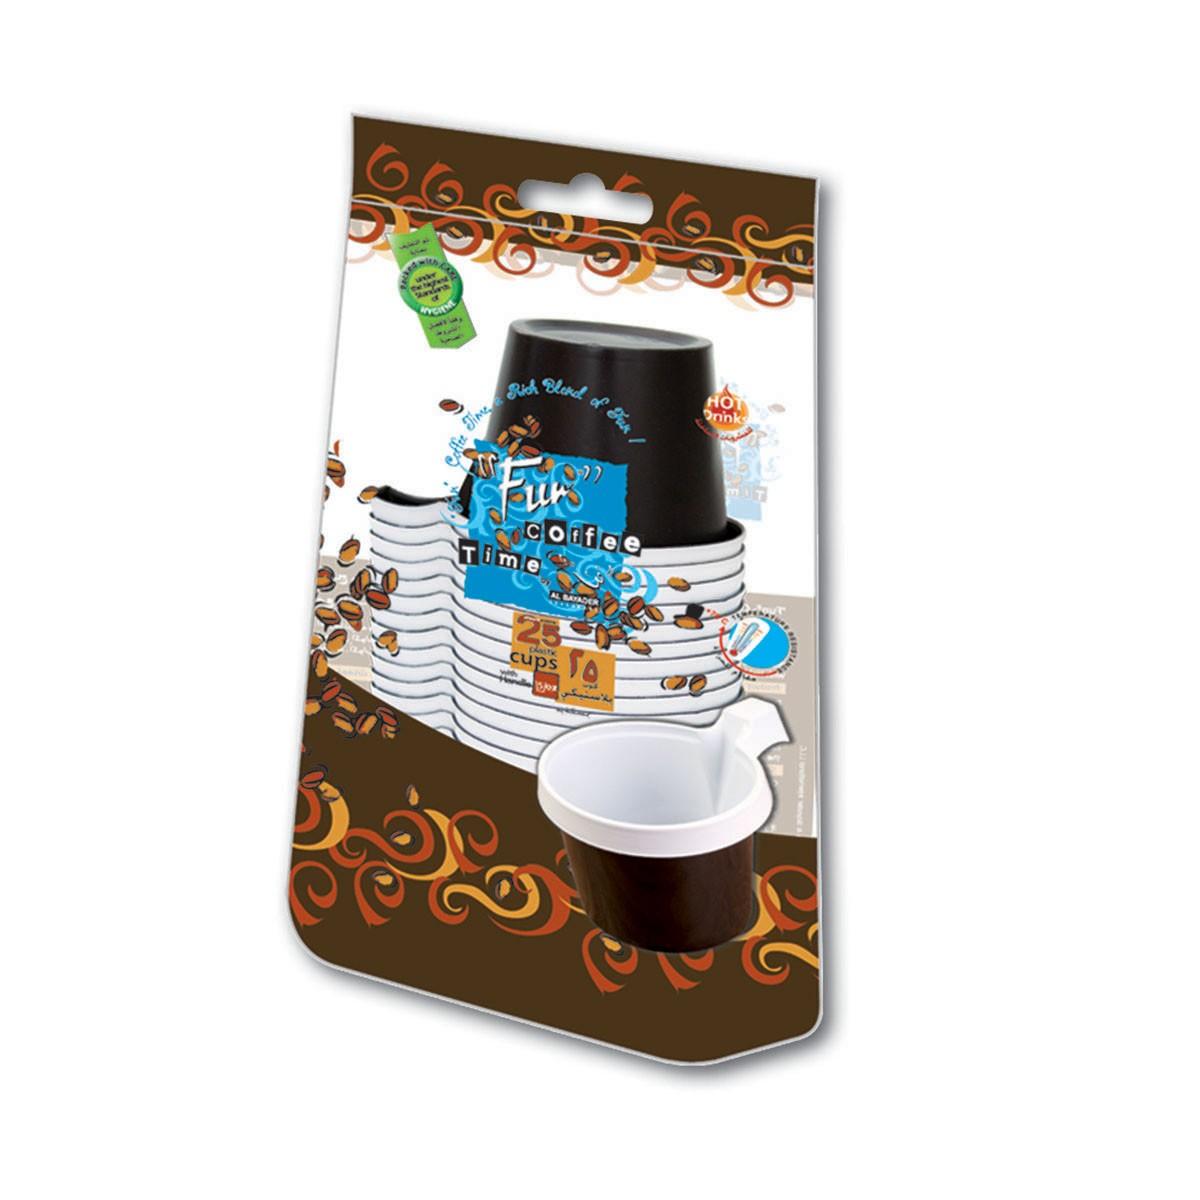 Fun® Plastic Cappuccino Cup 5oz - Brown   25pcsx40pkts